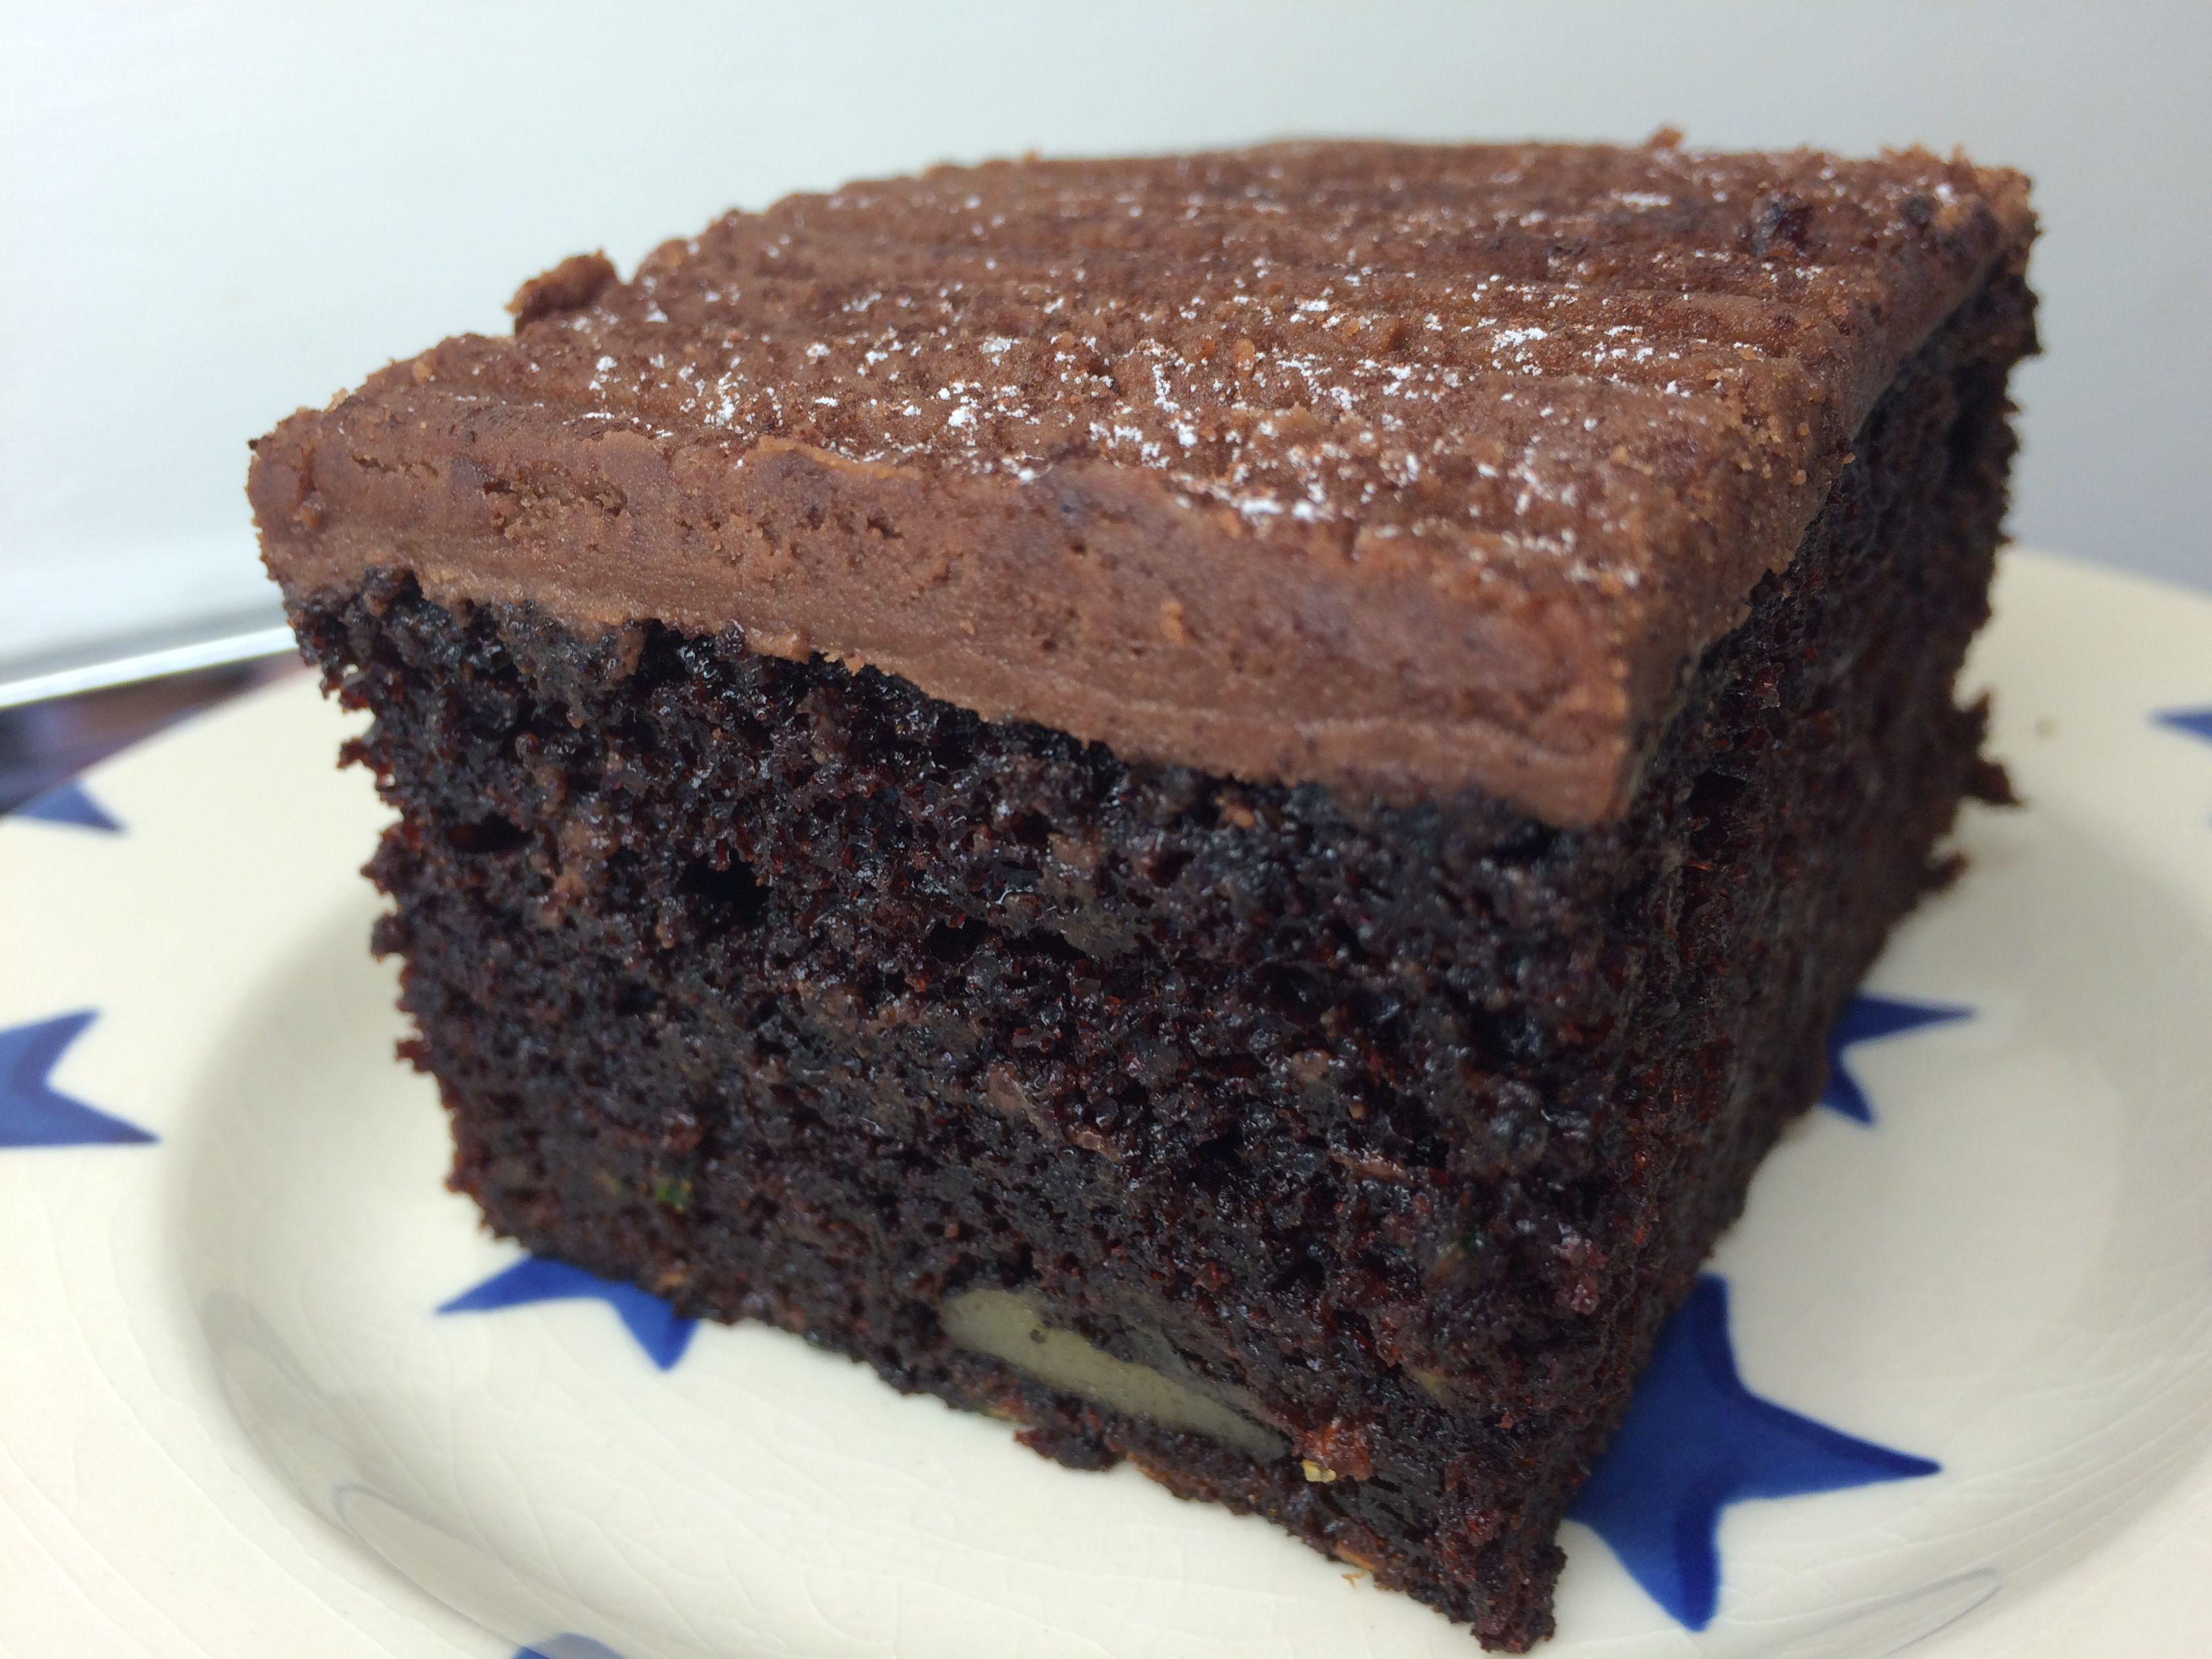 Zucchini Cake Recipes  Best Chocolate Zucchini Cake recipe – All recipes Australia NZ